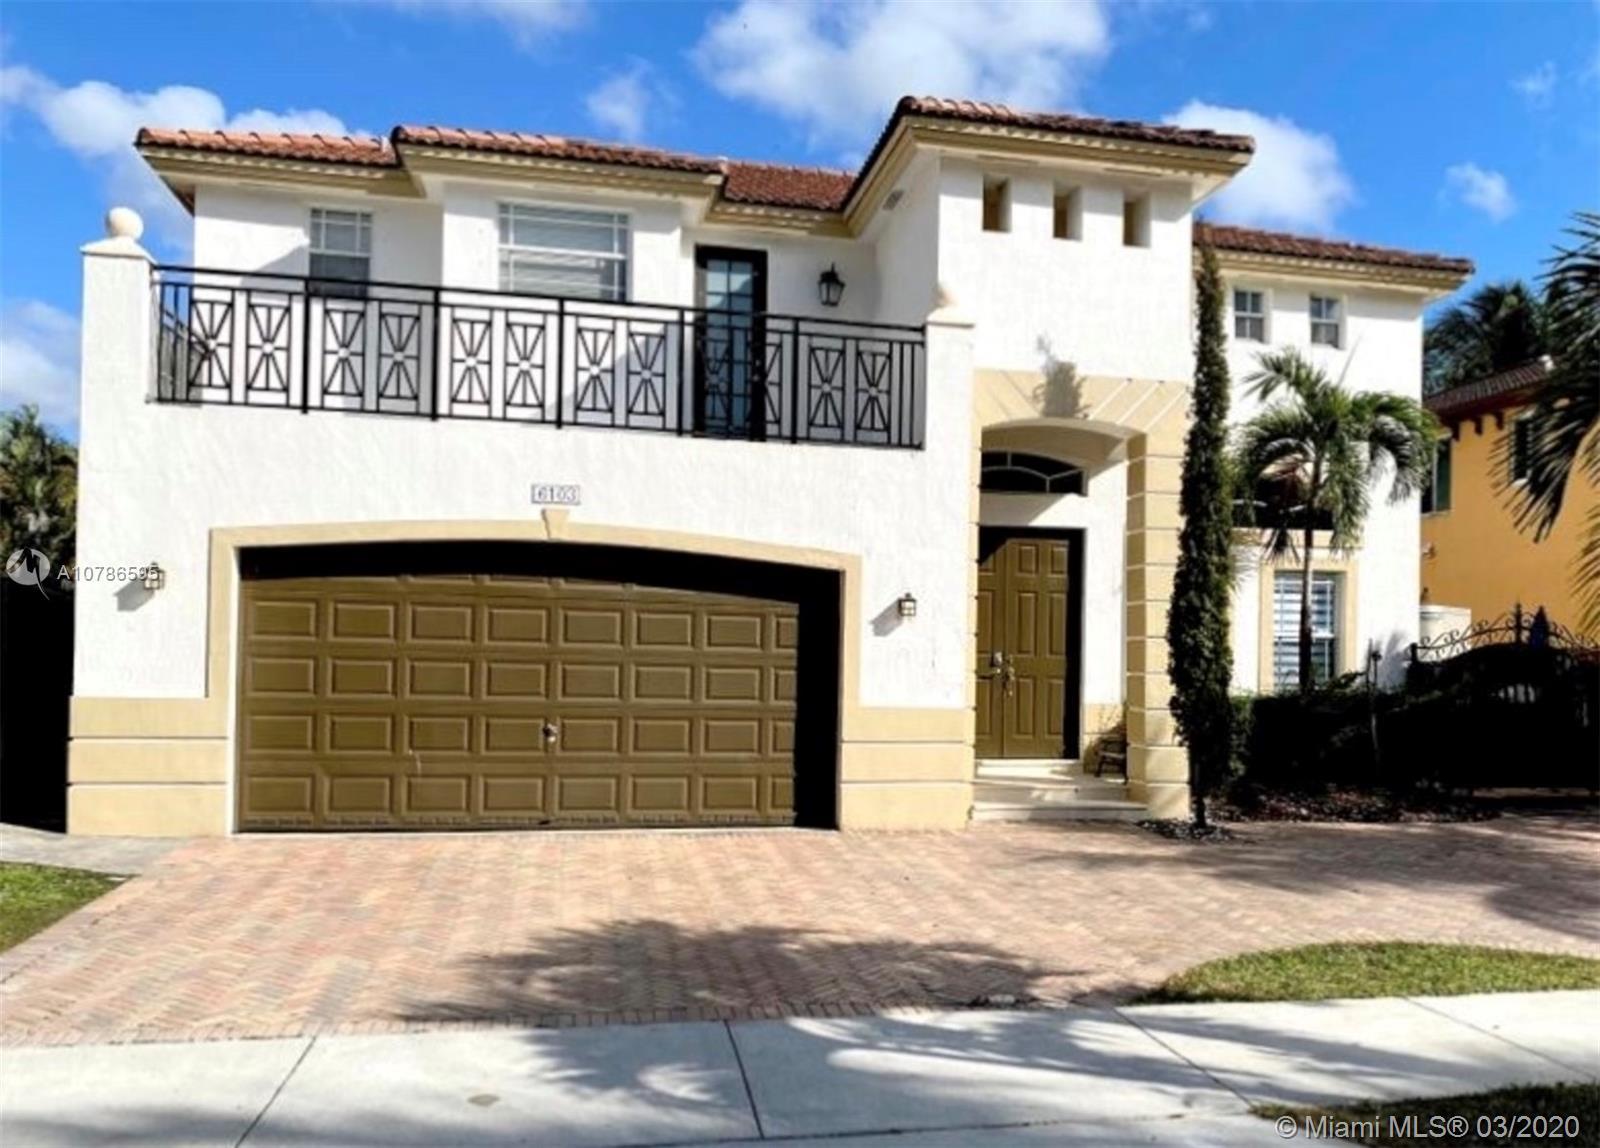 6103 SW 164th Pl, Miami, FL 33193